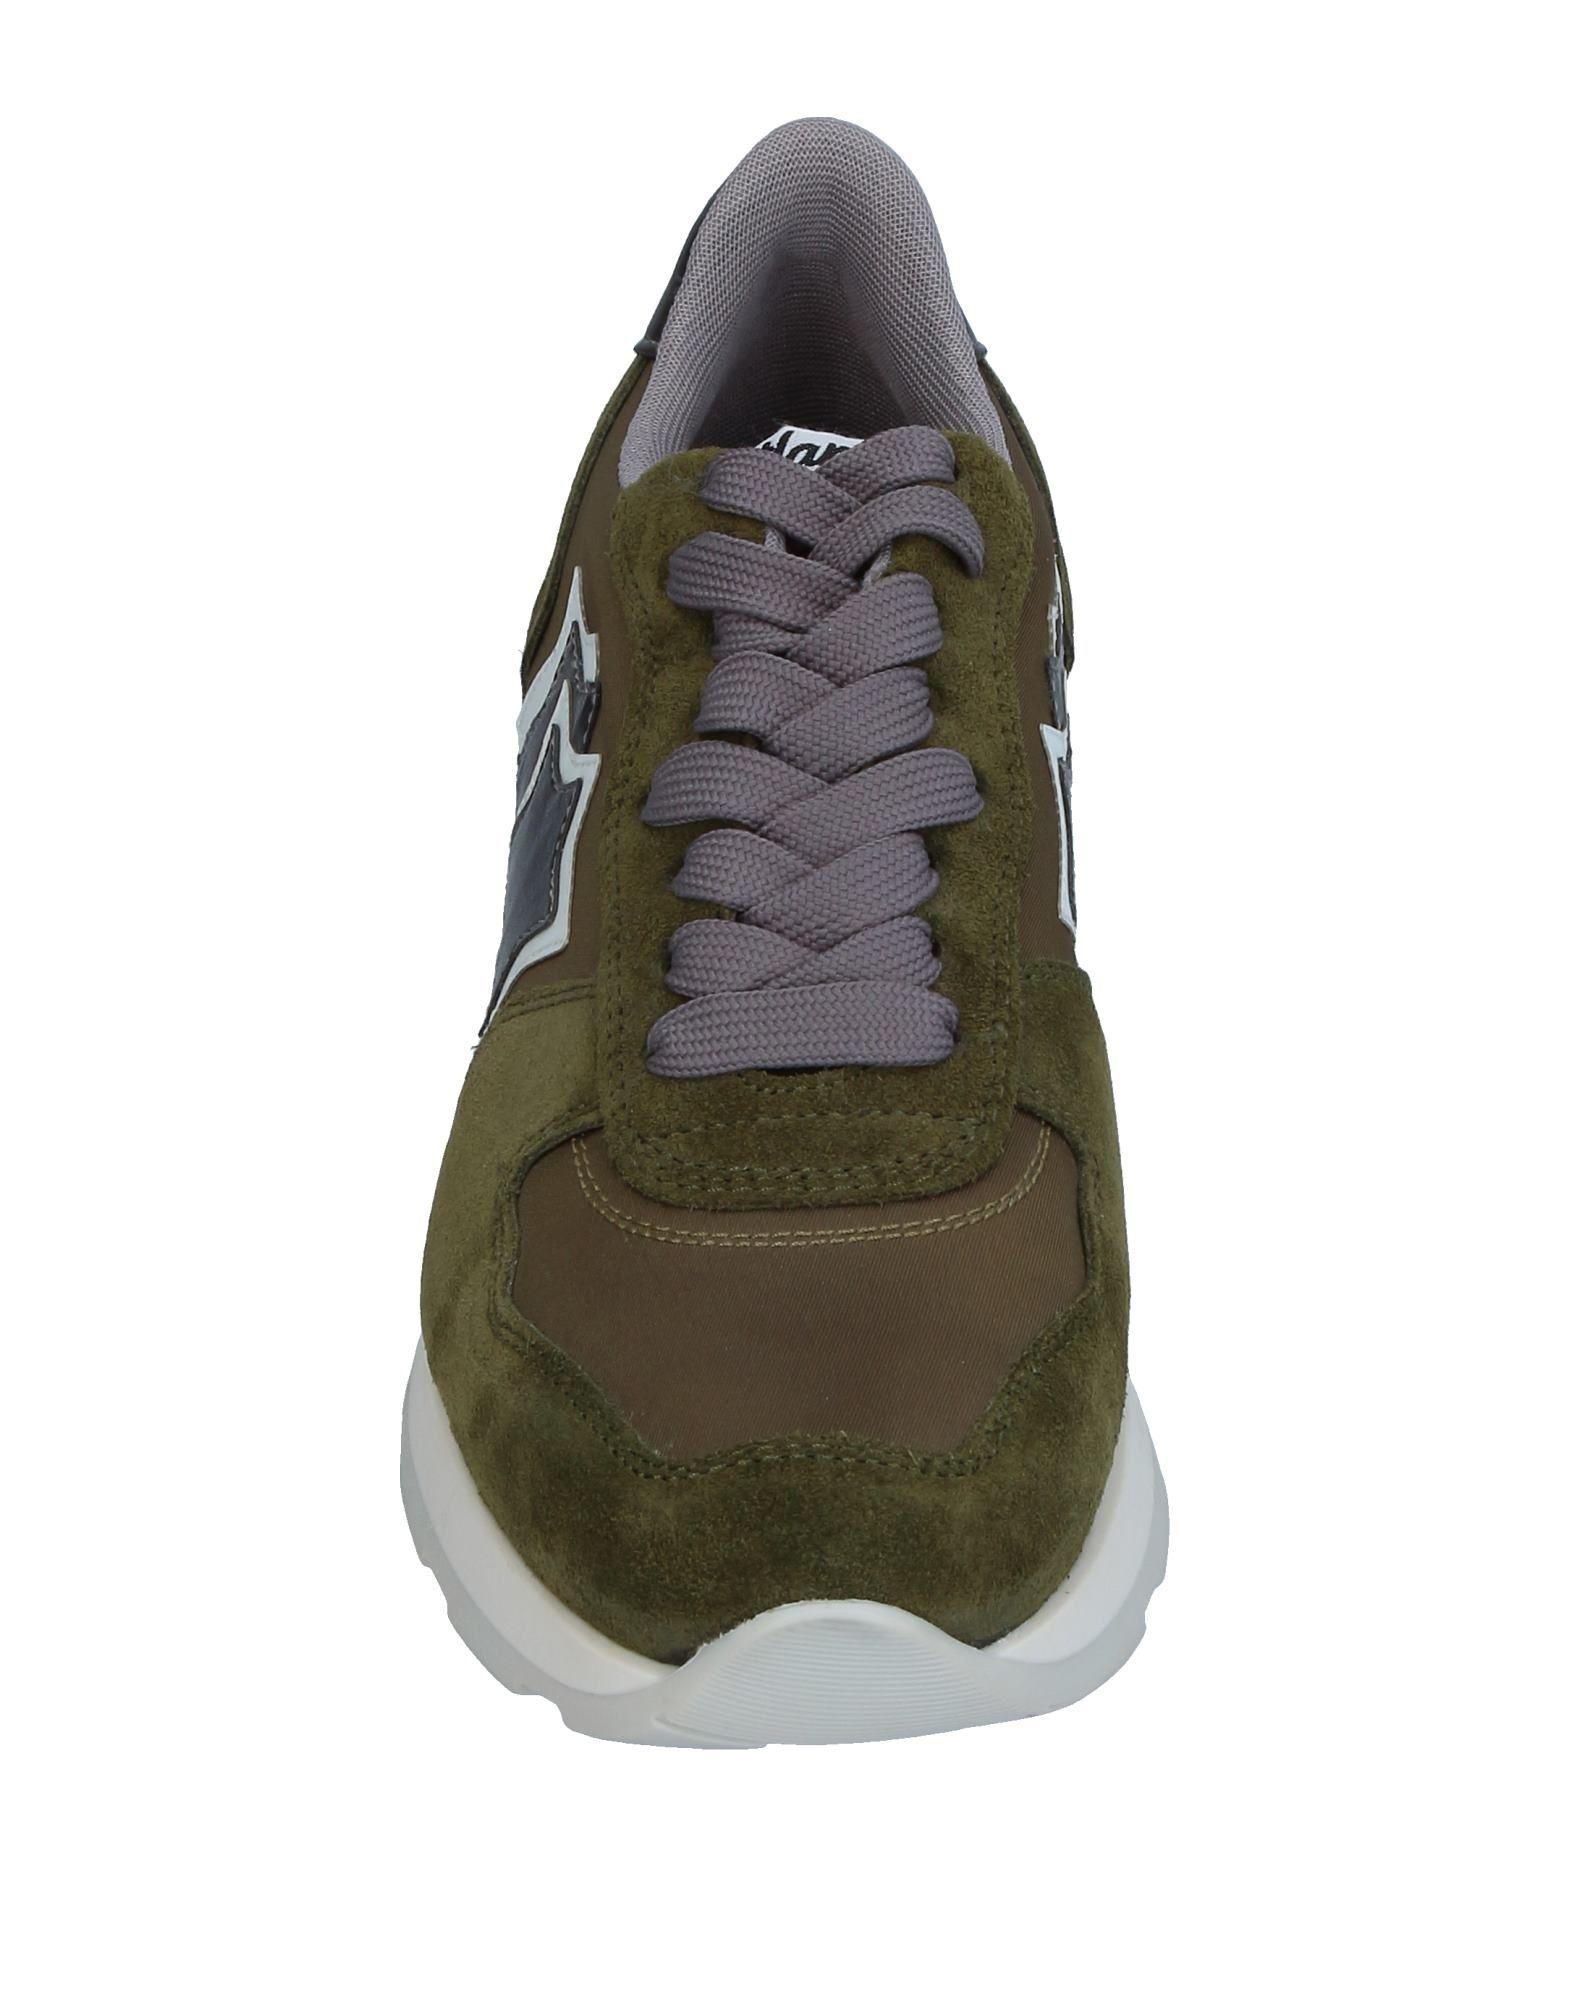 Atlantic Stars Schuhe Sneakers Damen  11369250PU Gute Qualität beliebte Schuhe Stars 1265b8